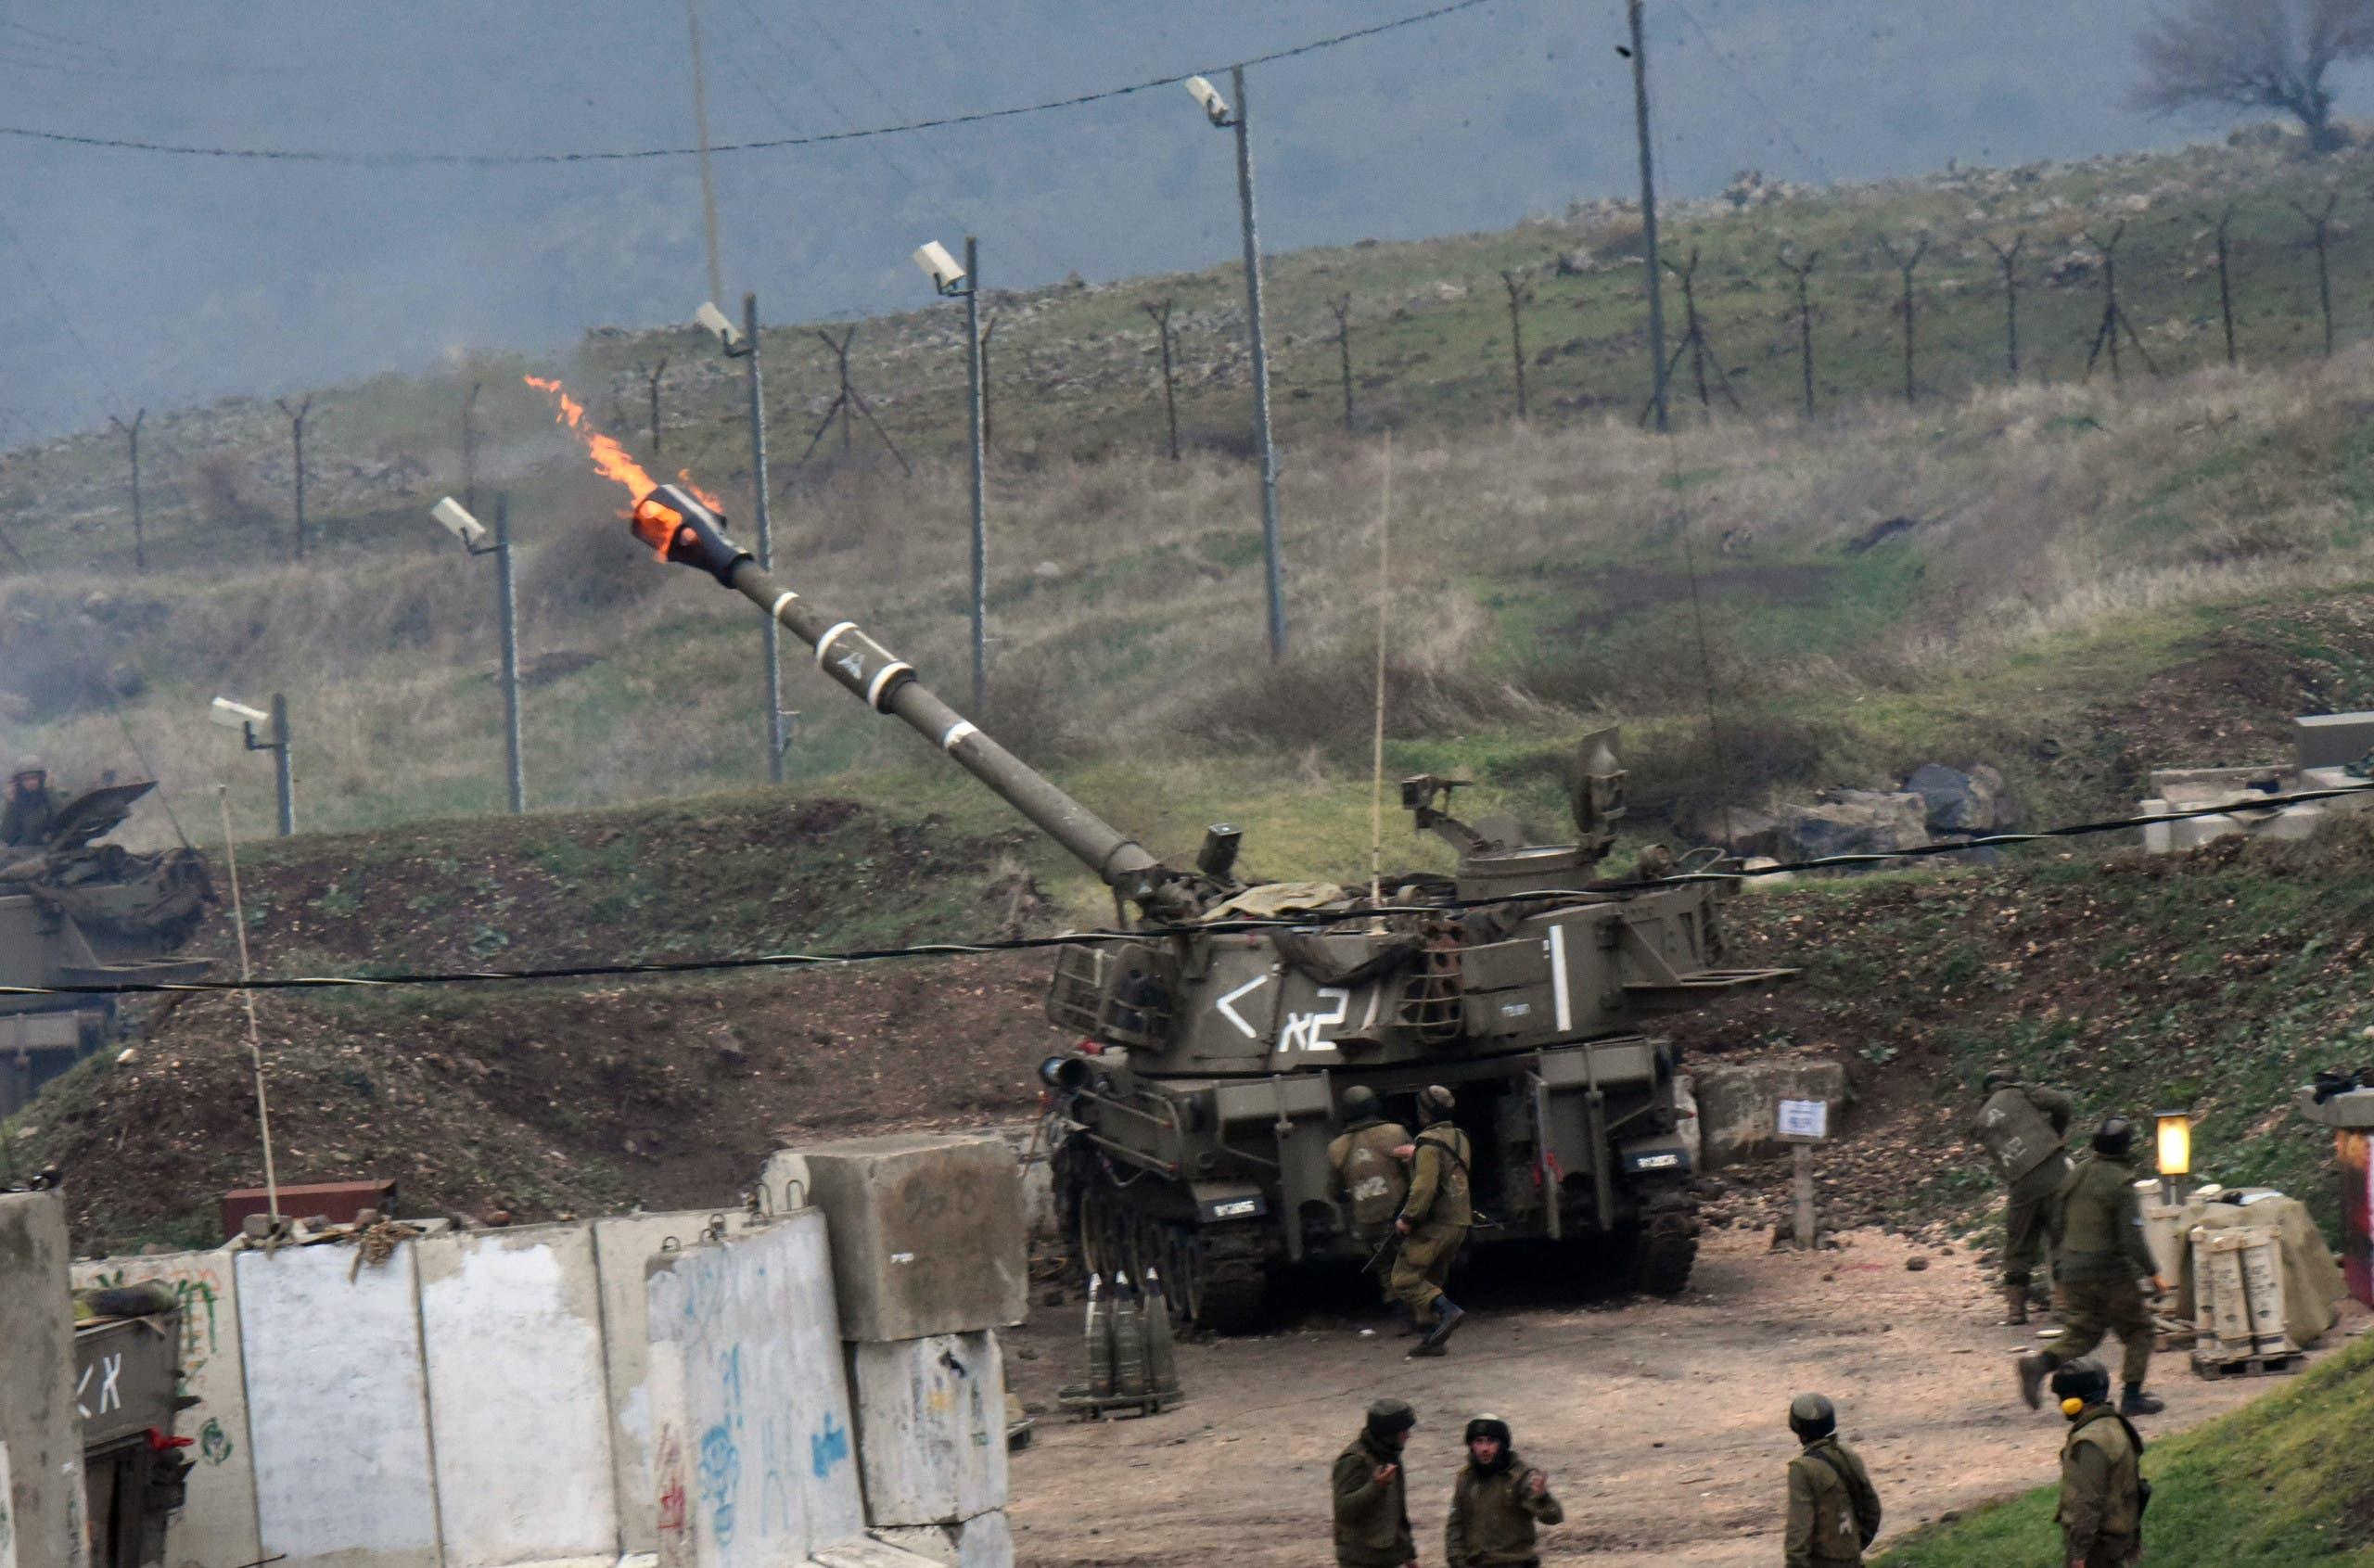 المدفعية الإسرائيلية في مزارع شبعا تقصف الداخل اللبناني في يناير 2016